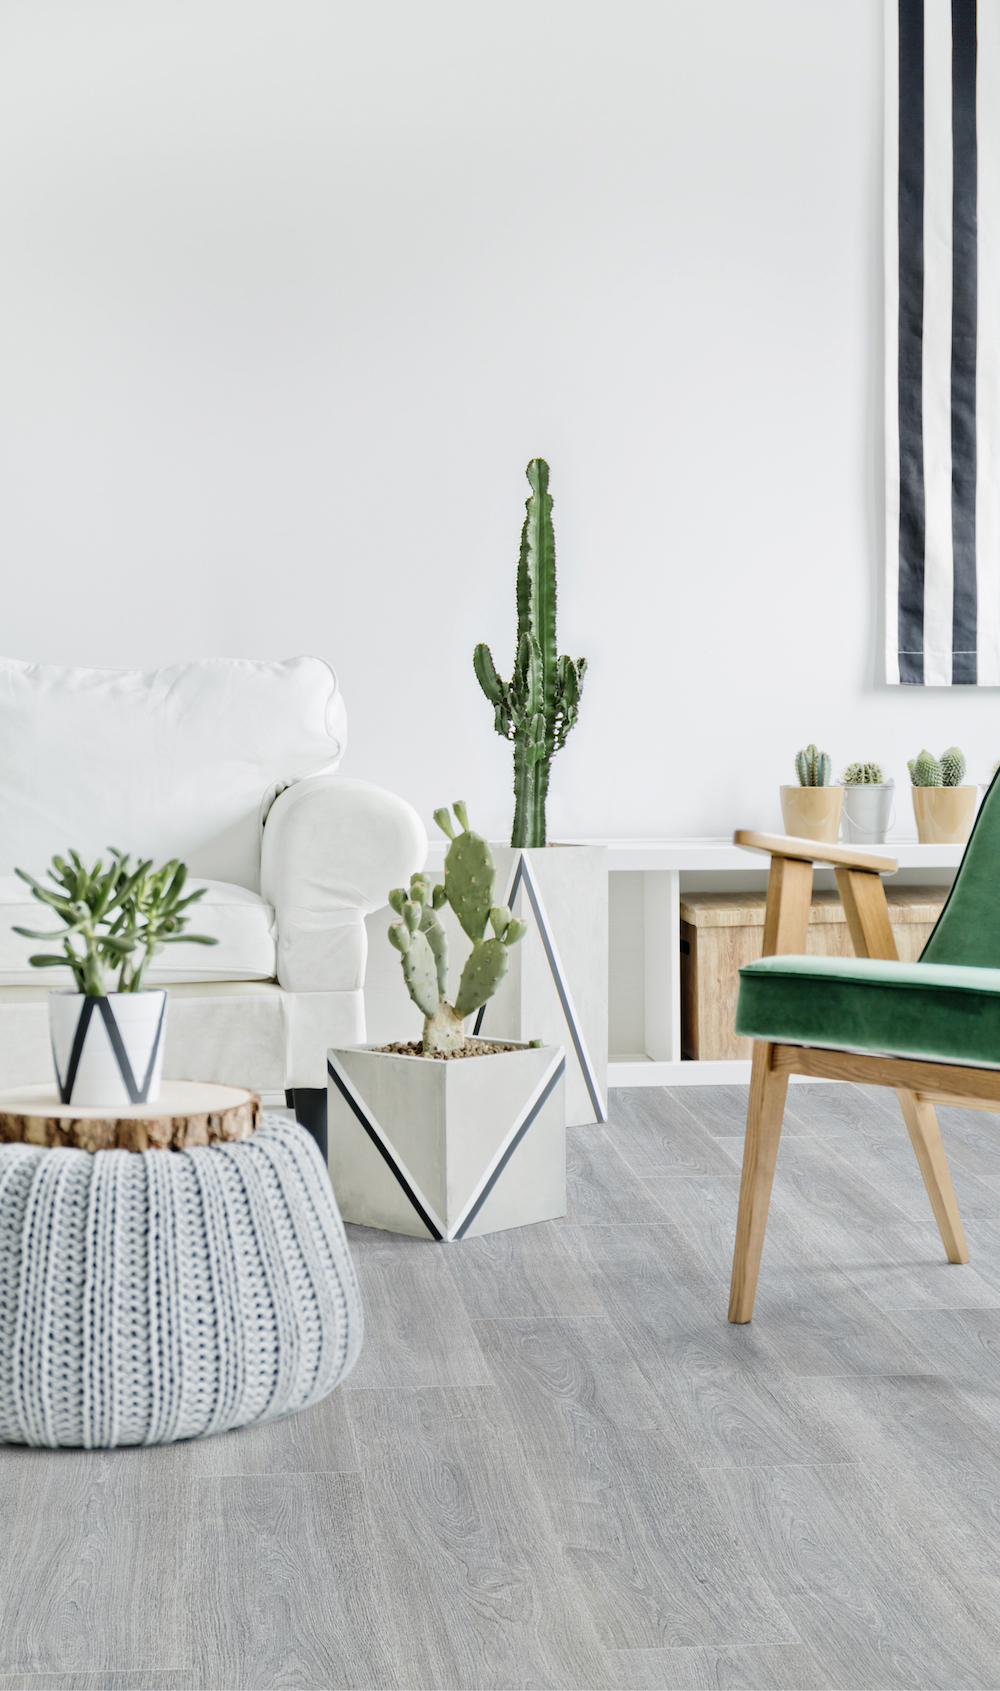 In de huidige interieurtrends zien we een voorliefde voor planten, cactussen en alles wat eigenlijk maar een tropische look heeft. De duurzame pvc vloeren van Moduleo zijn verkrijgbaar in allerlei look-a-likes van tropische houtsoorten. Natuurlijk met de voordelen en gebruiksgemak van een pvc vloer. Deze vloeren kunnen op elke plek in huis worden gelegd. #moduleo #pvc #interieur #vloer #cactus